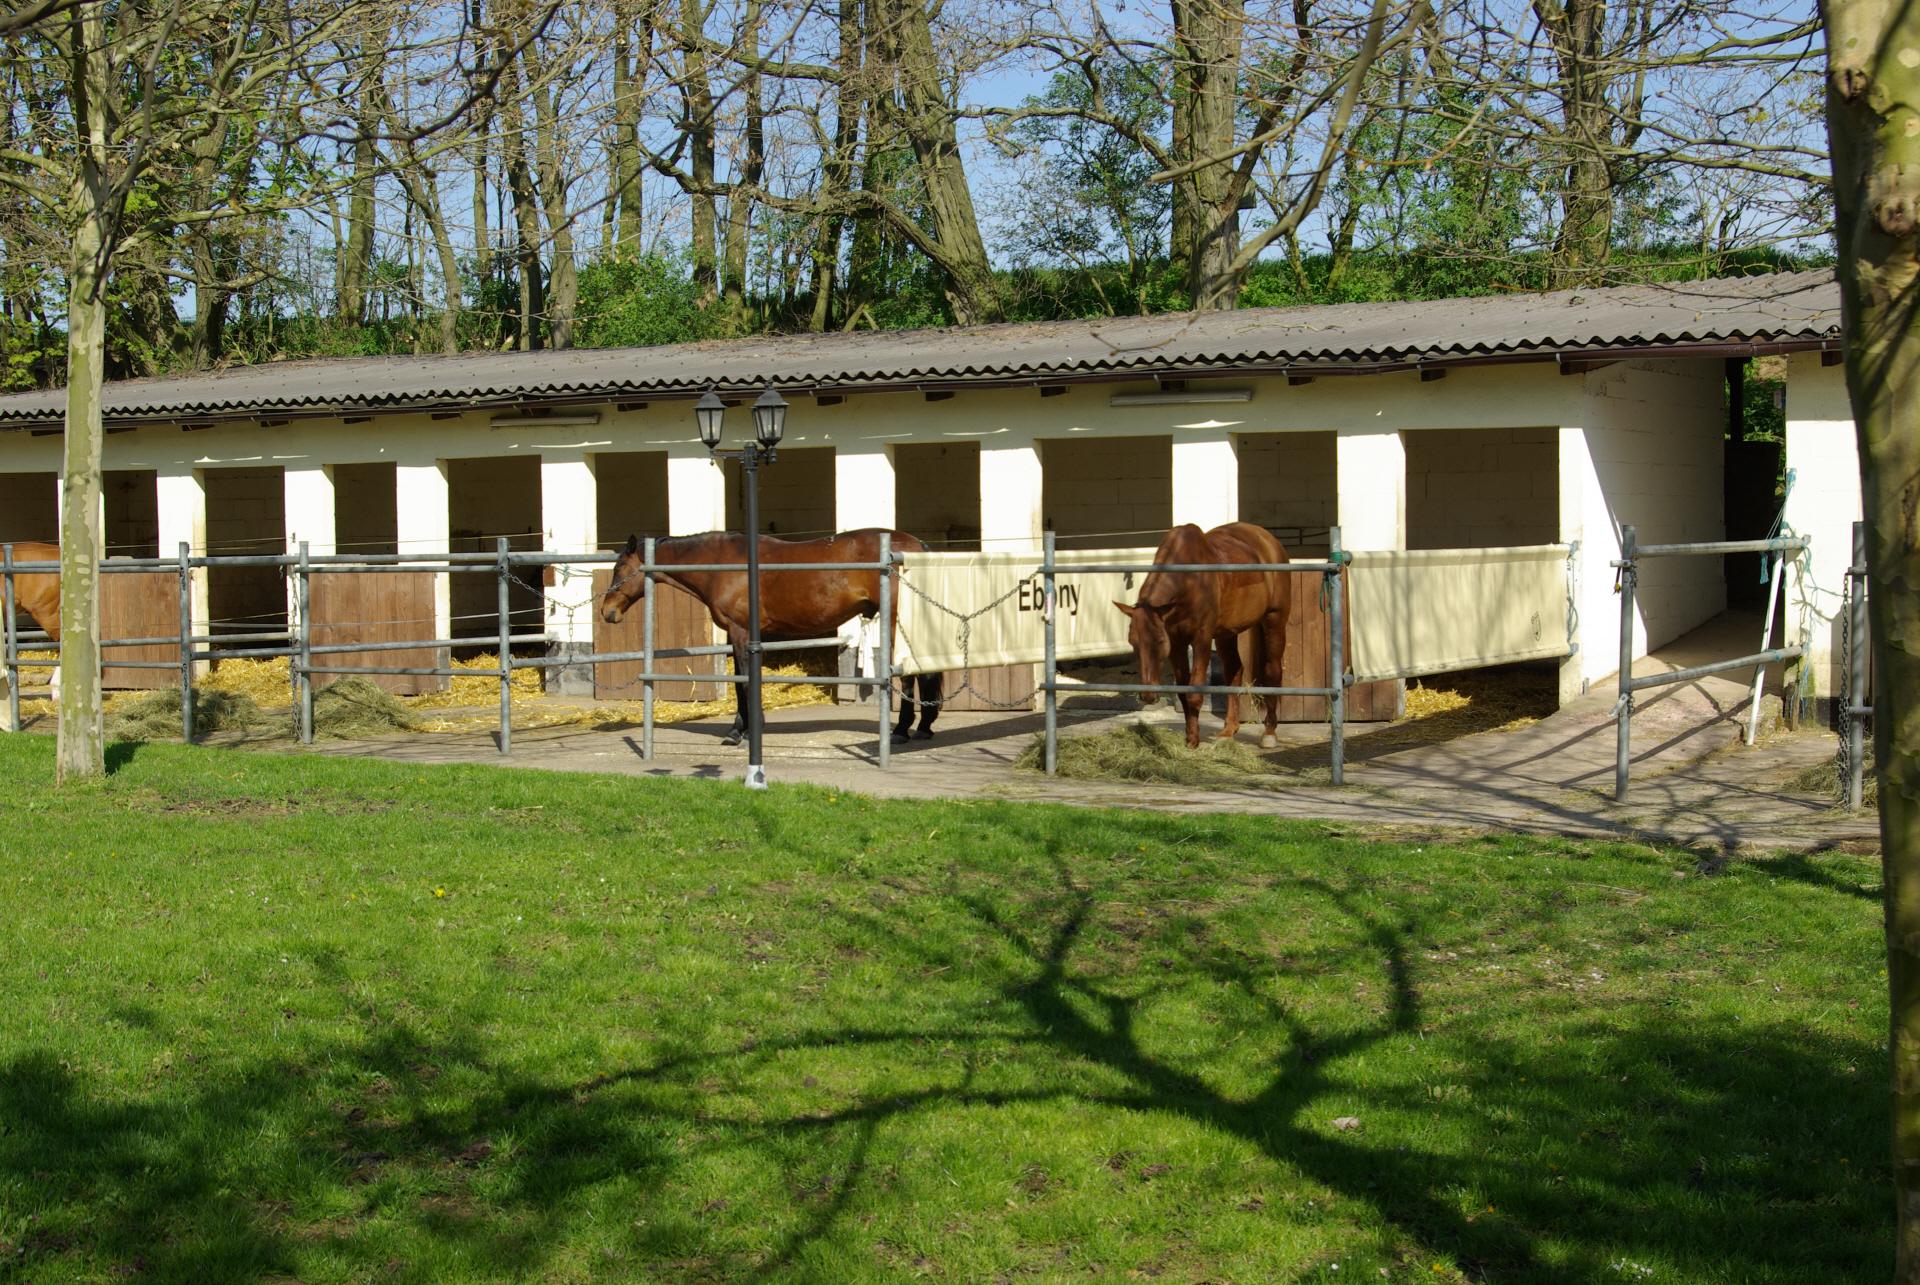 Pferdestall mit Aussicht ins grüne